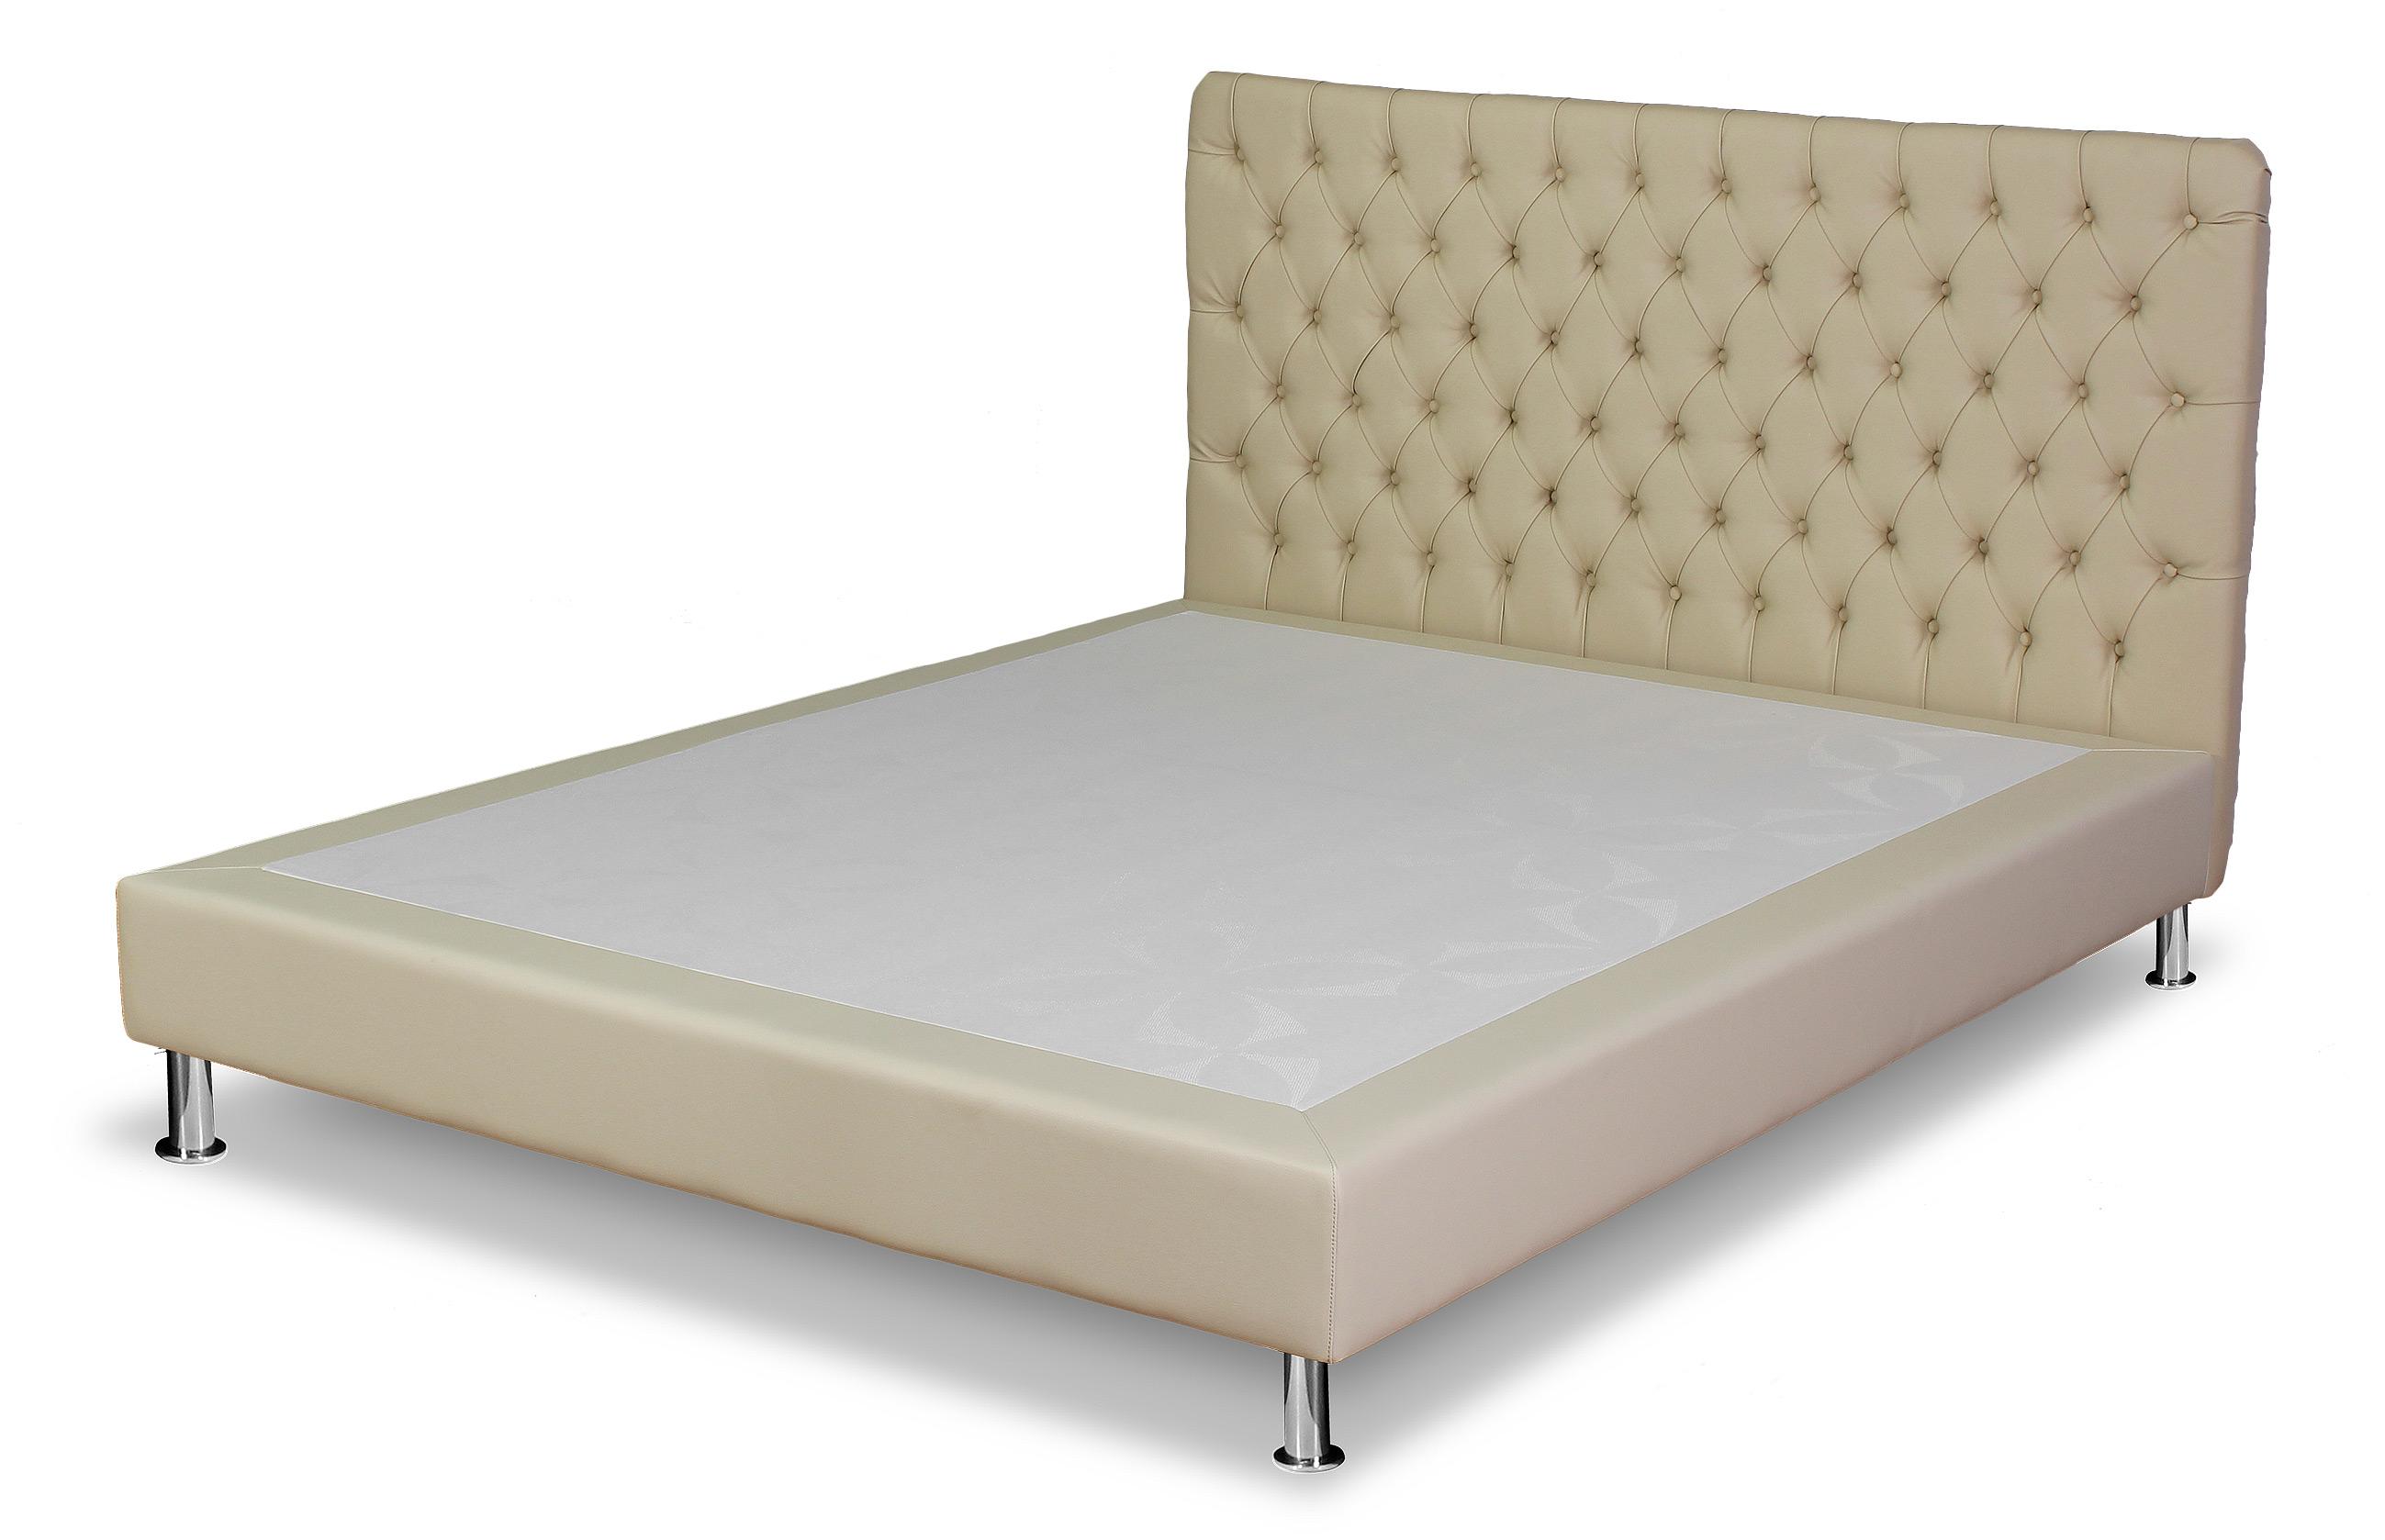 Testiera Per Letto Singolo : Testiera per letto singolo lusso leonardo h 94 106 cm ecopelle